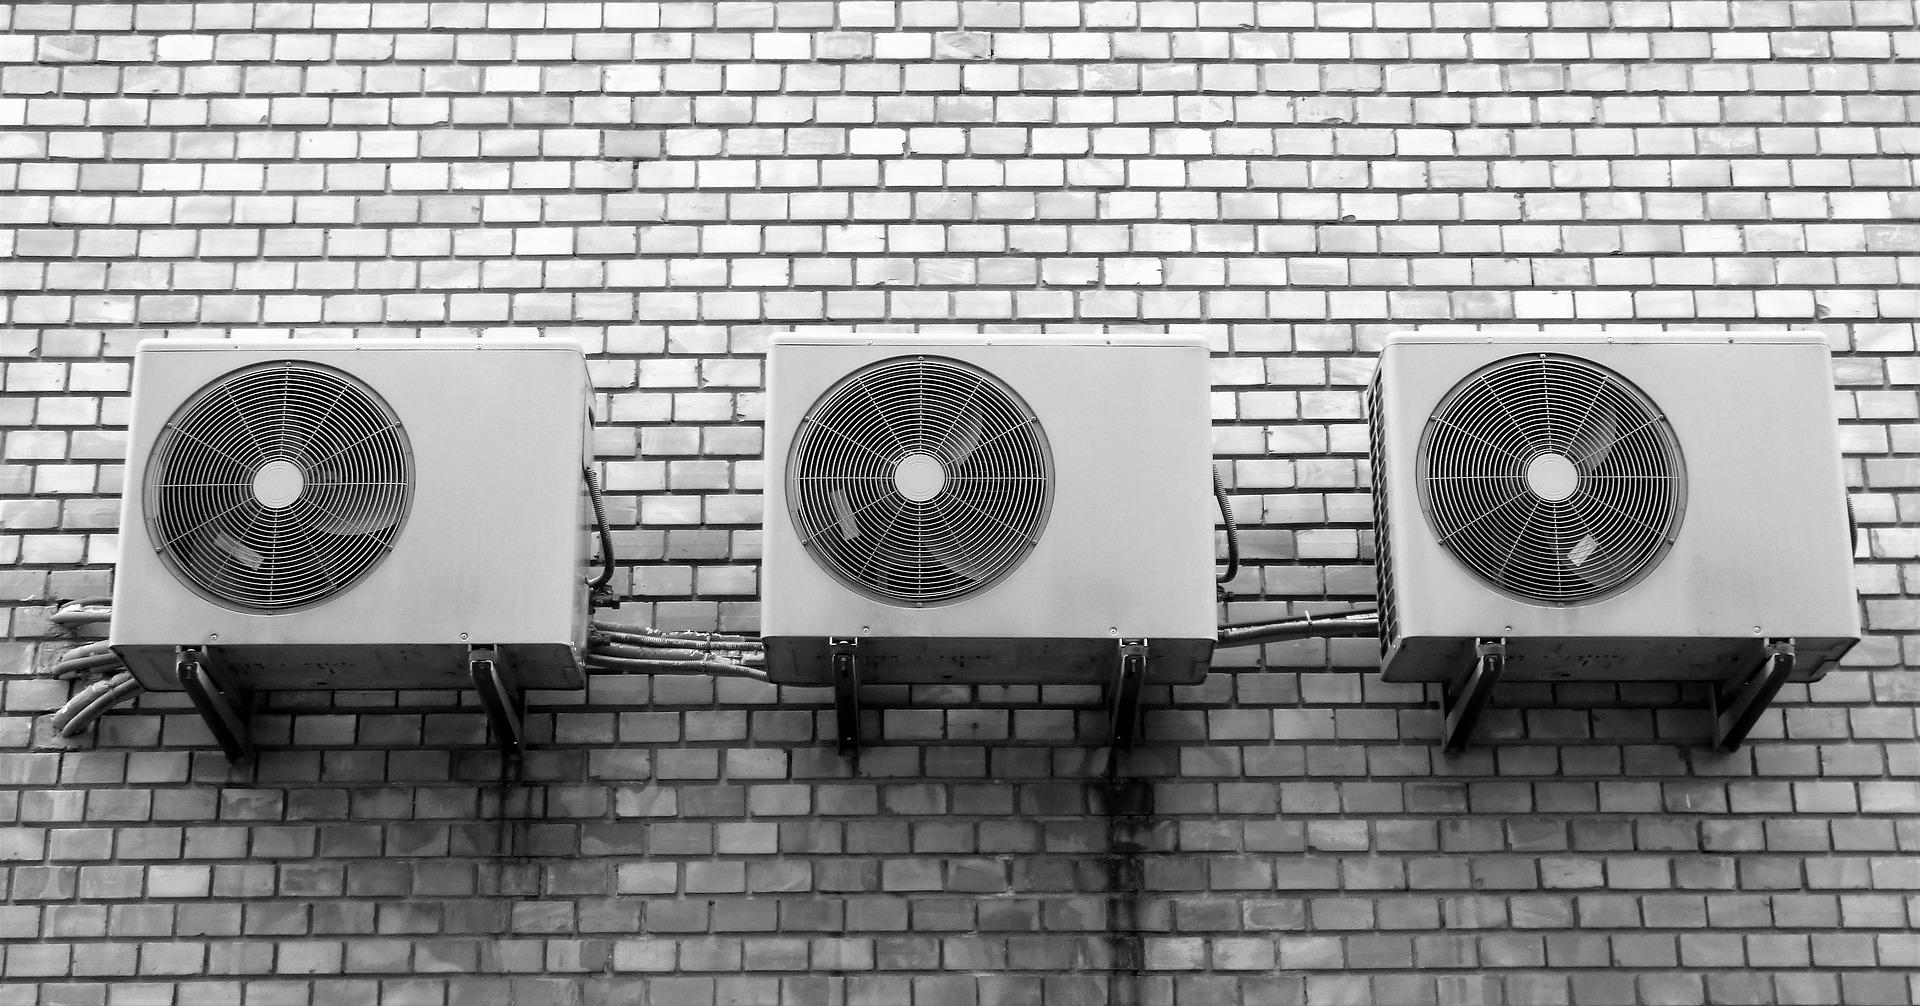 Jornada de formació sobre gestió de residus d'aire condicionat i altres aparells elèctrics i electrònics